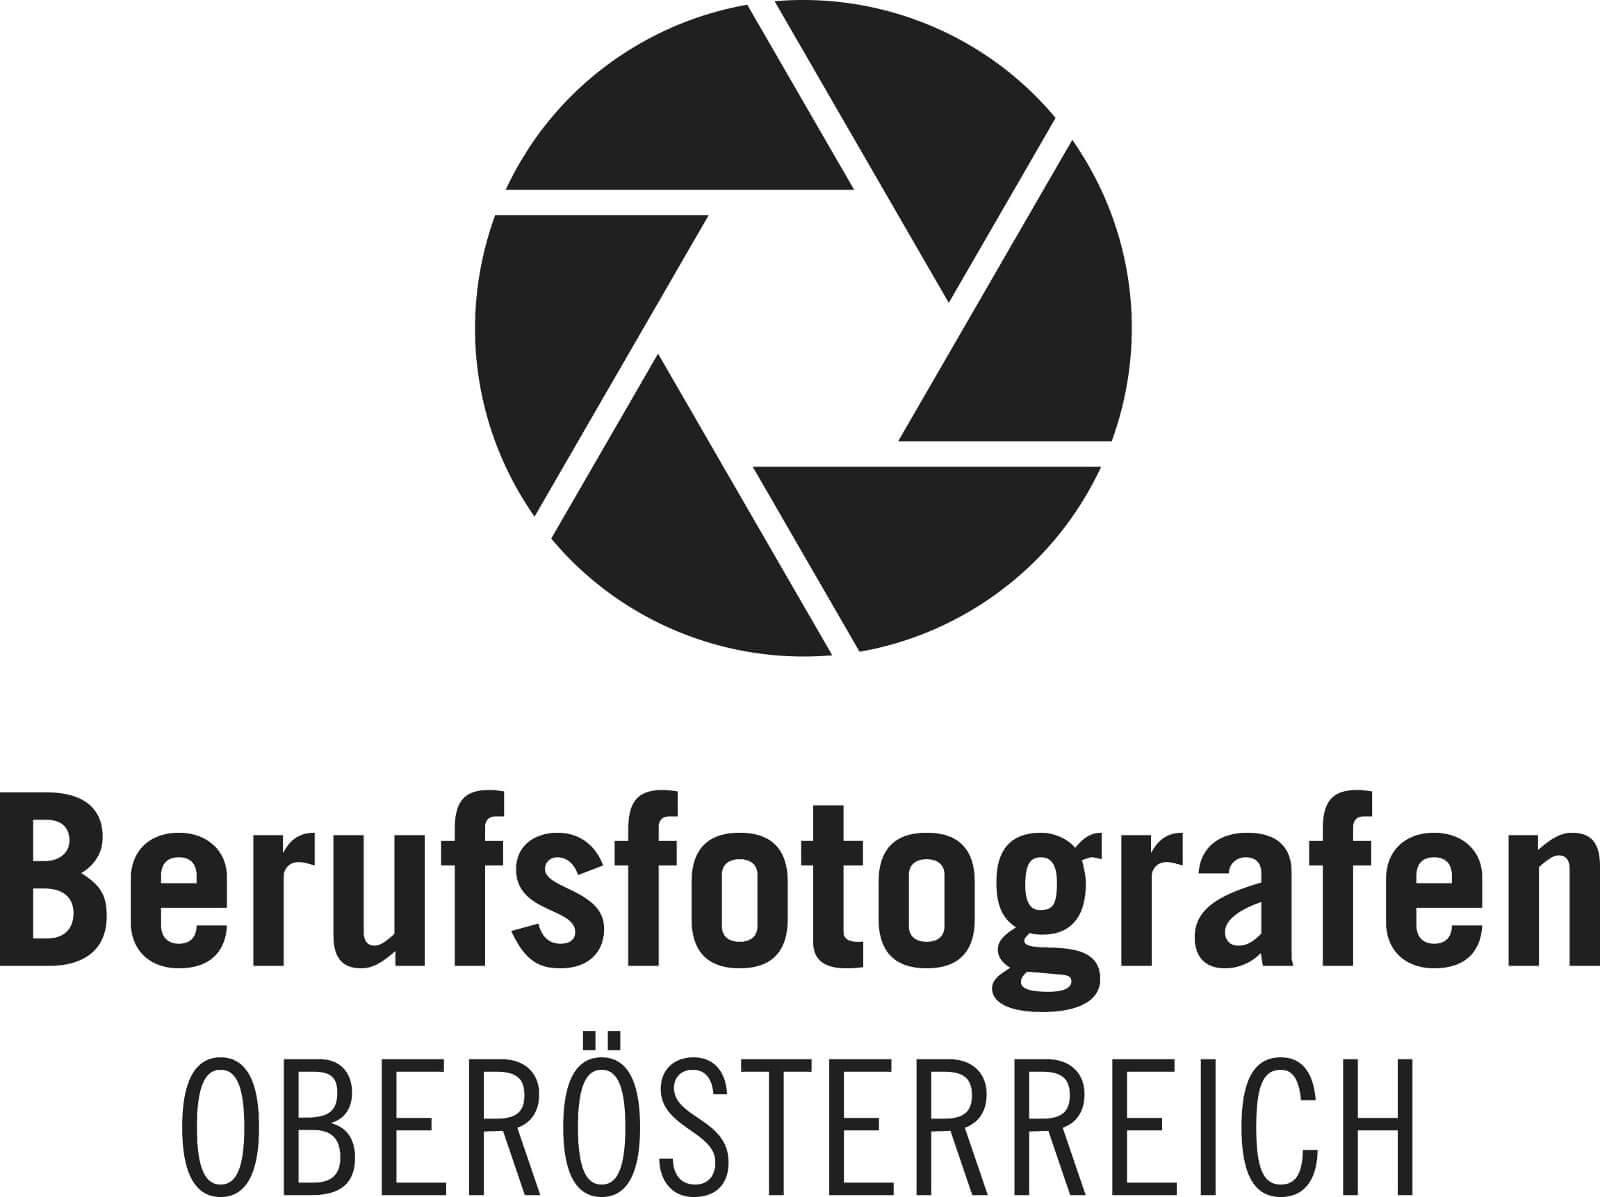 Berufsfotografen Oberösterreich